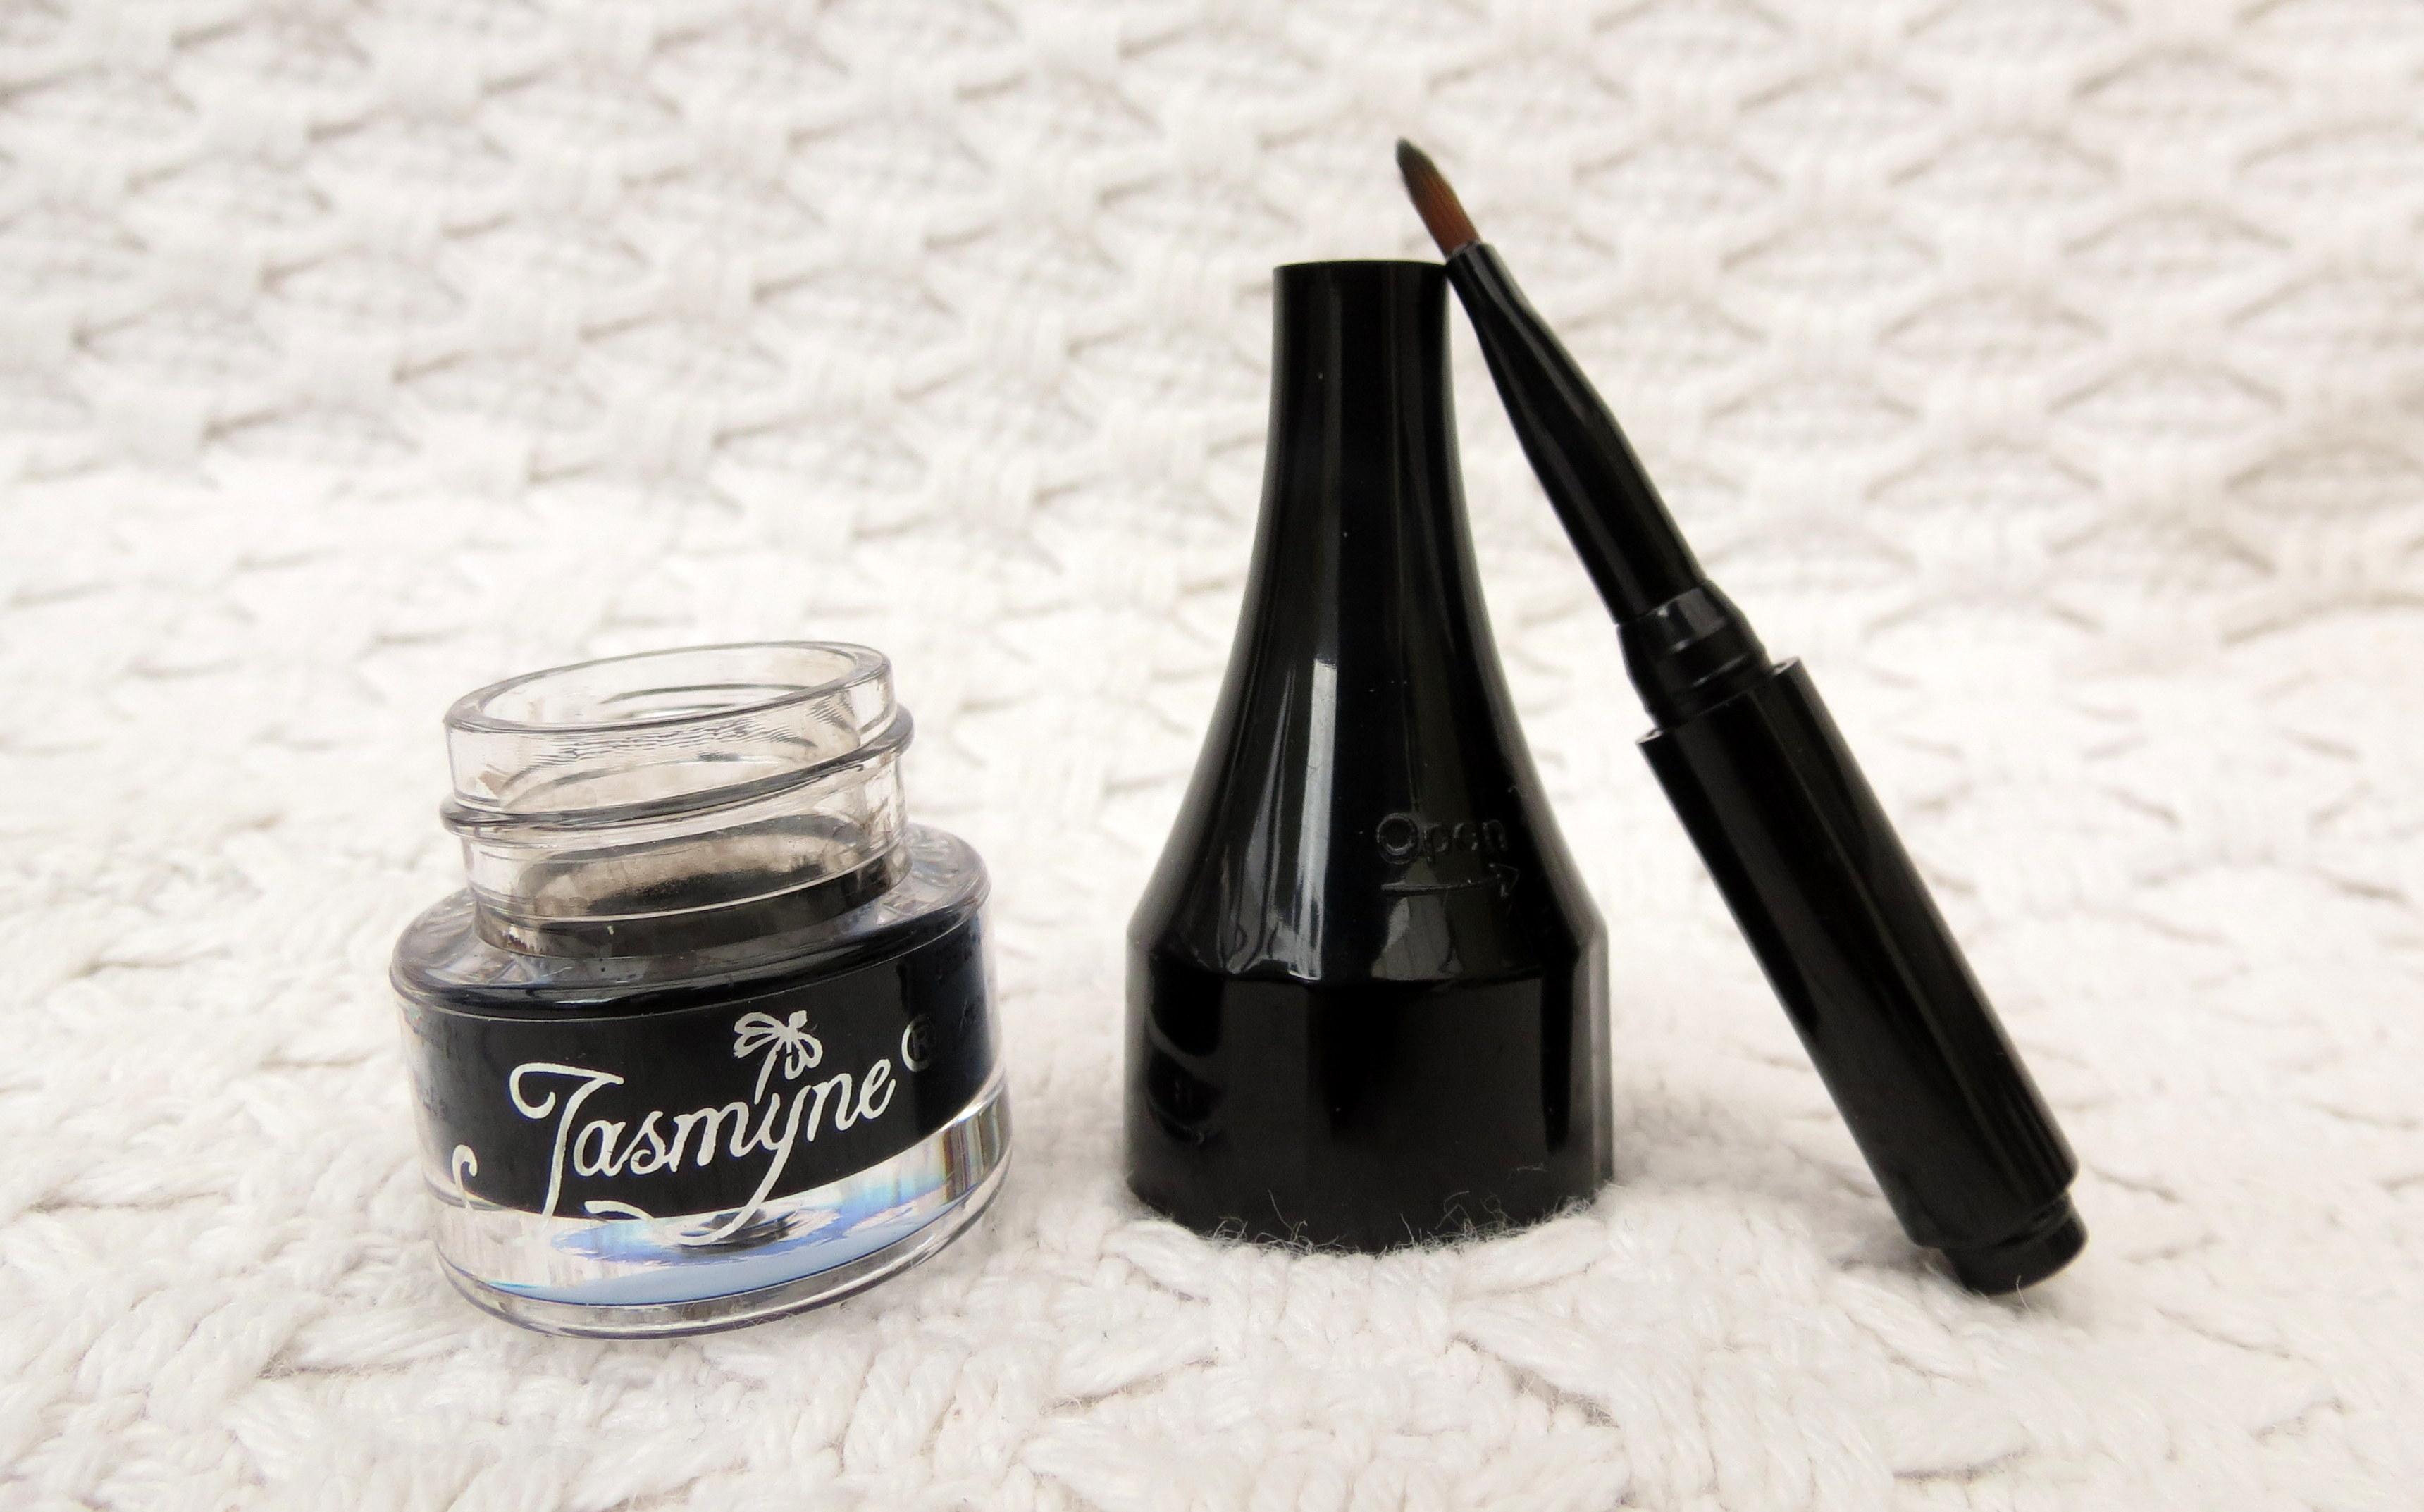 produtos de beleza bom e barato delineador jasmine